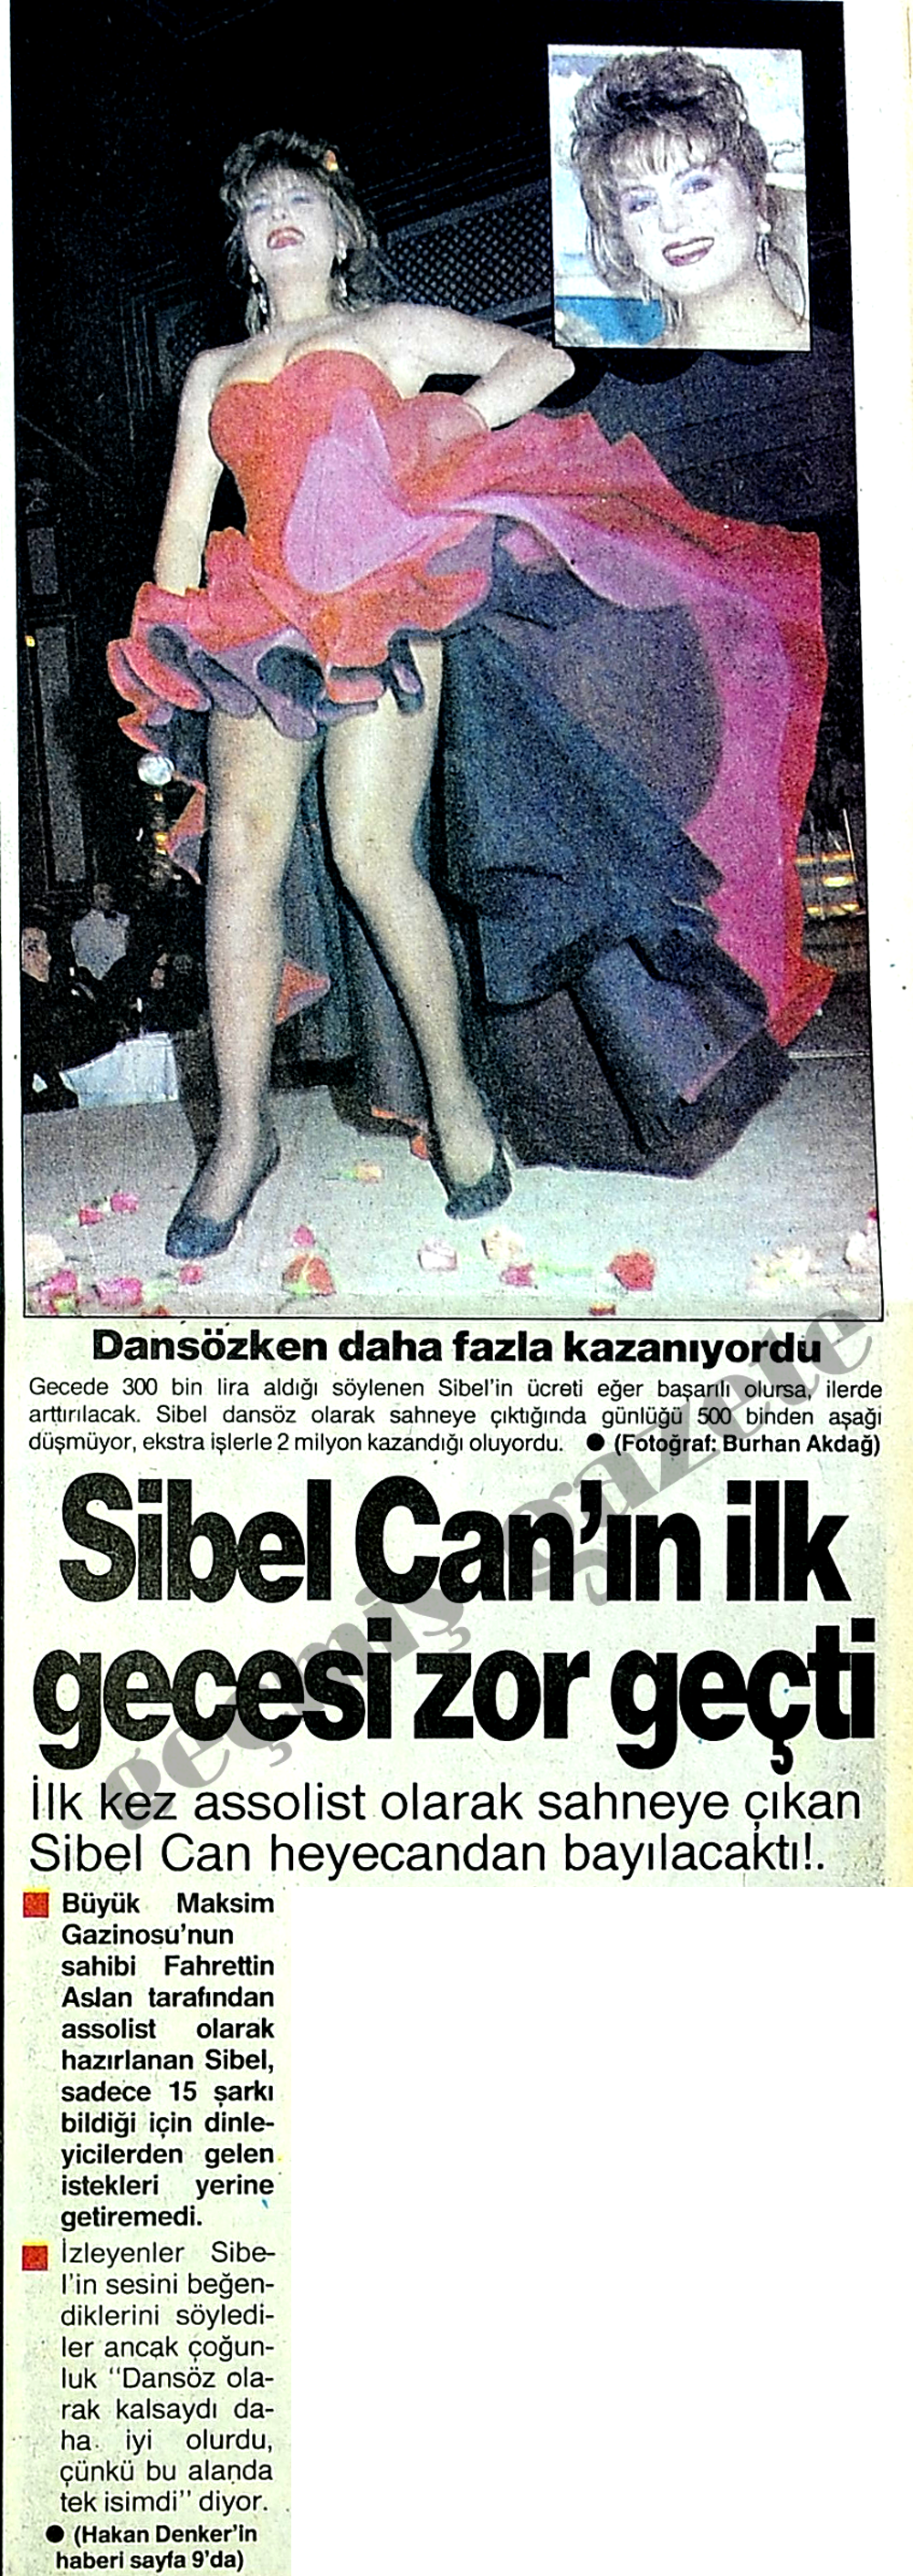 Sibel Can'ın ilk gecesi zor geçti